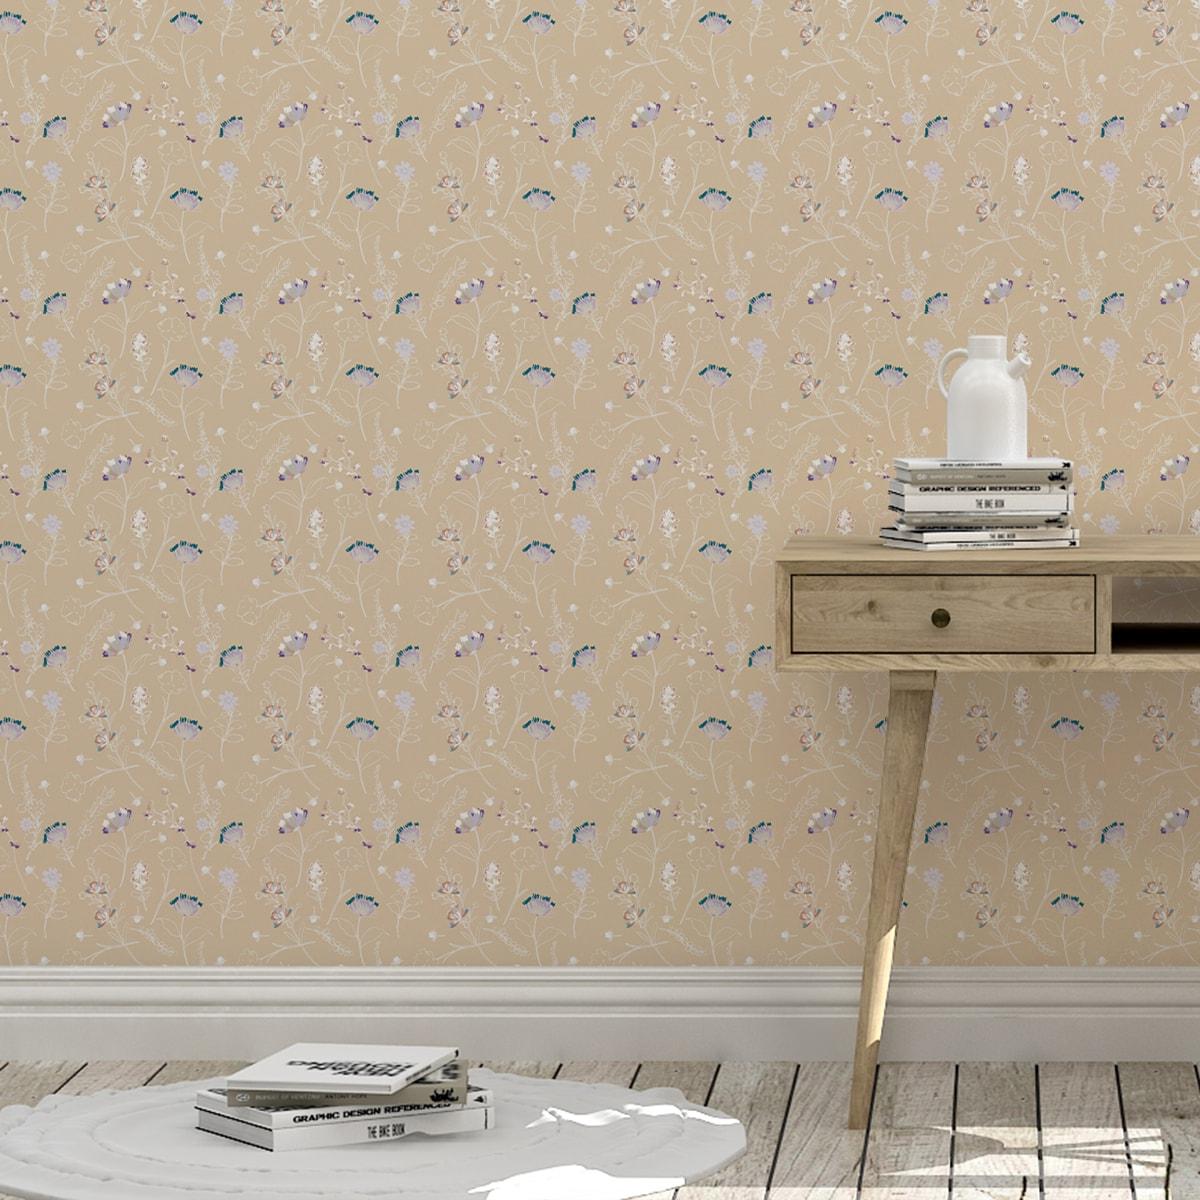 Schlafzimmer tapezieren in creme: Beige Blumentapete Spring in the air für Frühlings Gefühle - Design Tapete für Schlafzimmer